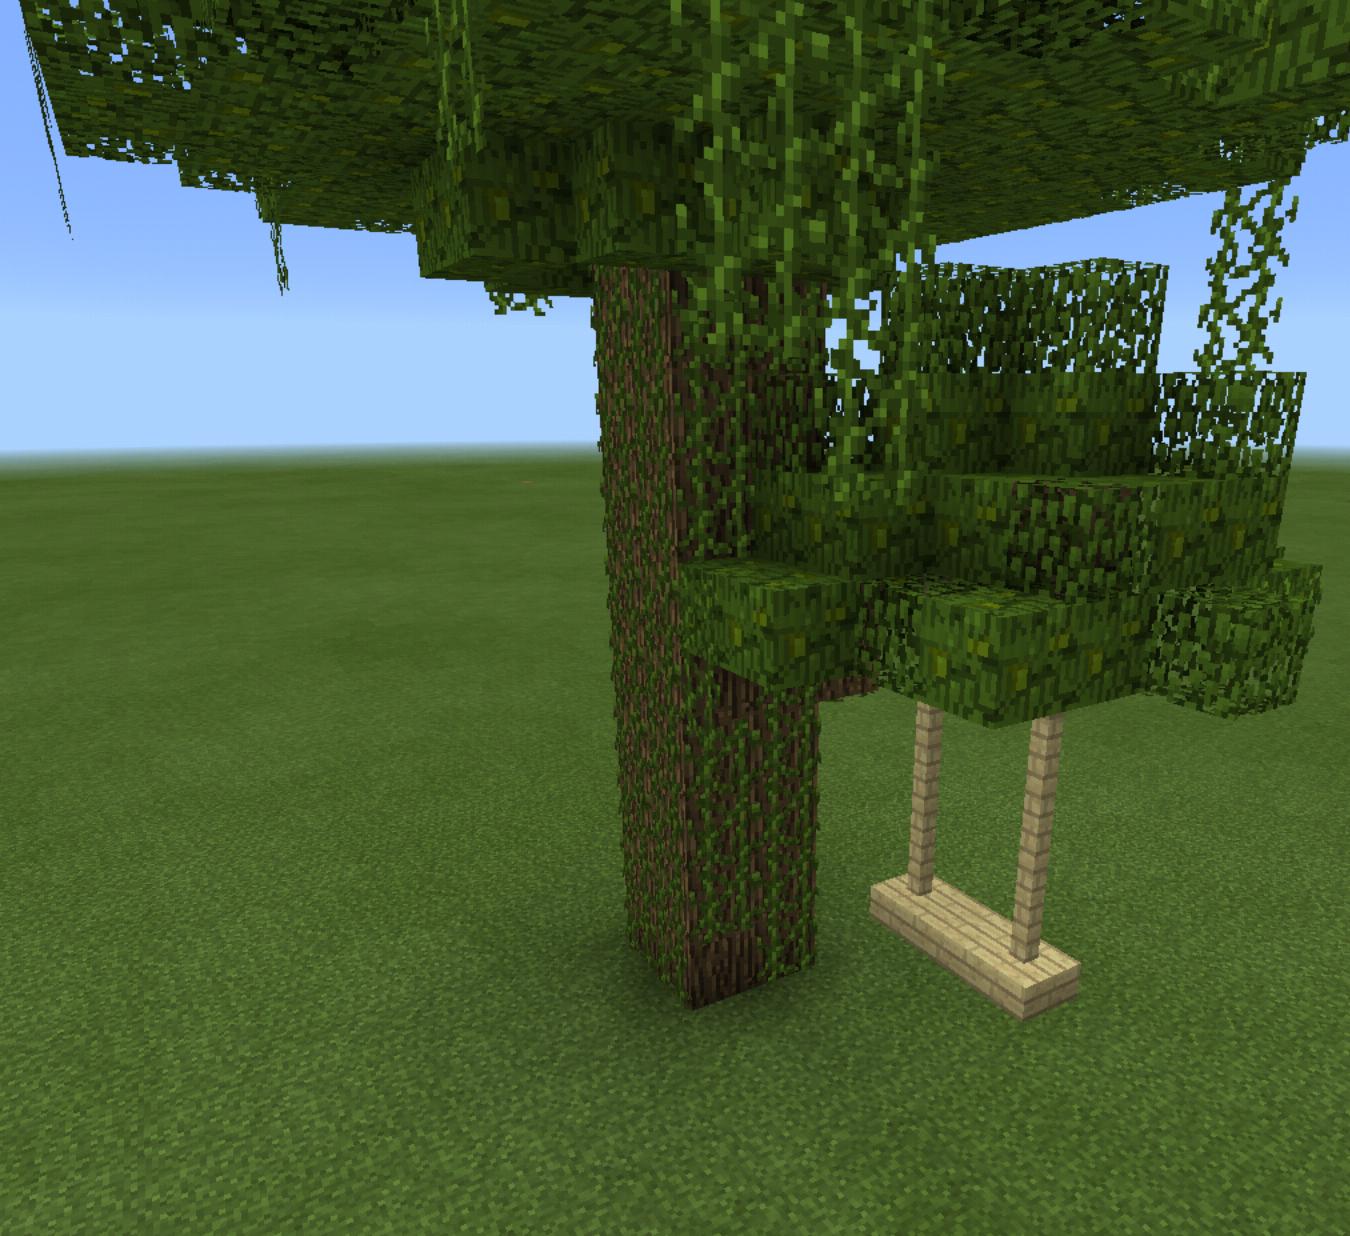 Minecraft Tree House Swing Set | Minecraft tree, Minecraft ...